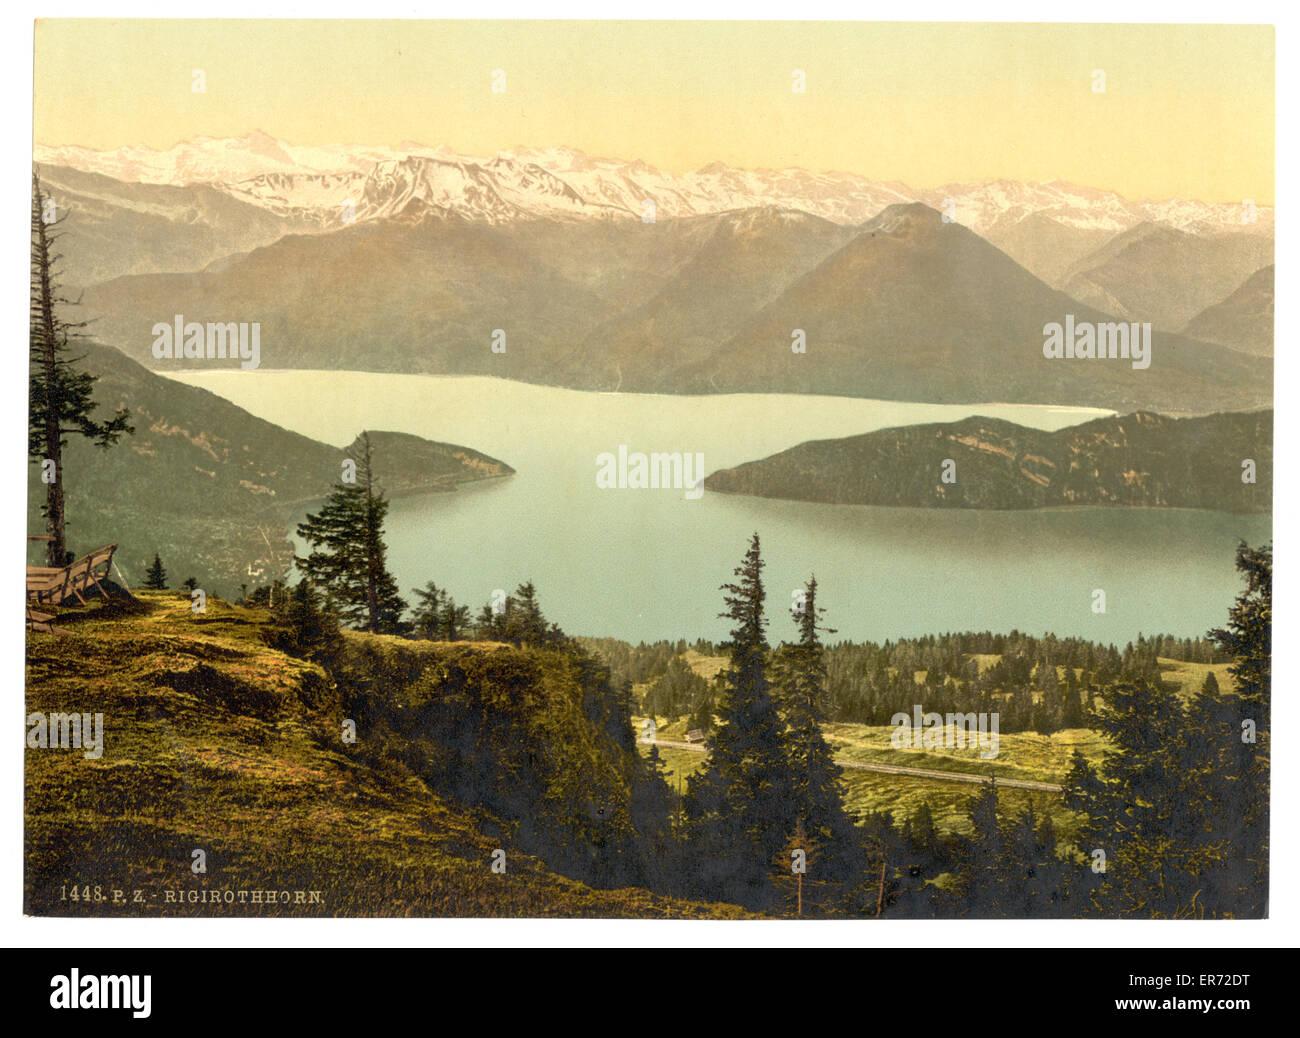 Rigi Rothhorn, vista de Vitznau y los Alpes, Rigi, Suiza. Fecha entre ca. 1890 y ca. 1900. Imagen De Stock